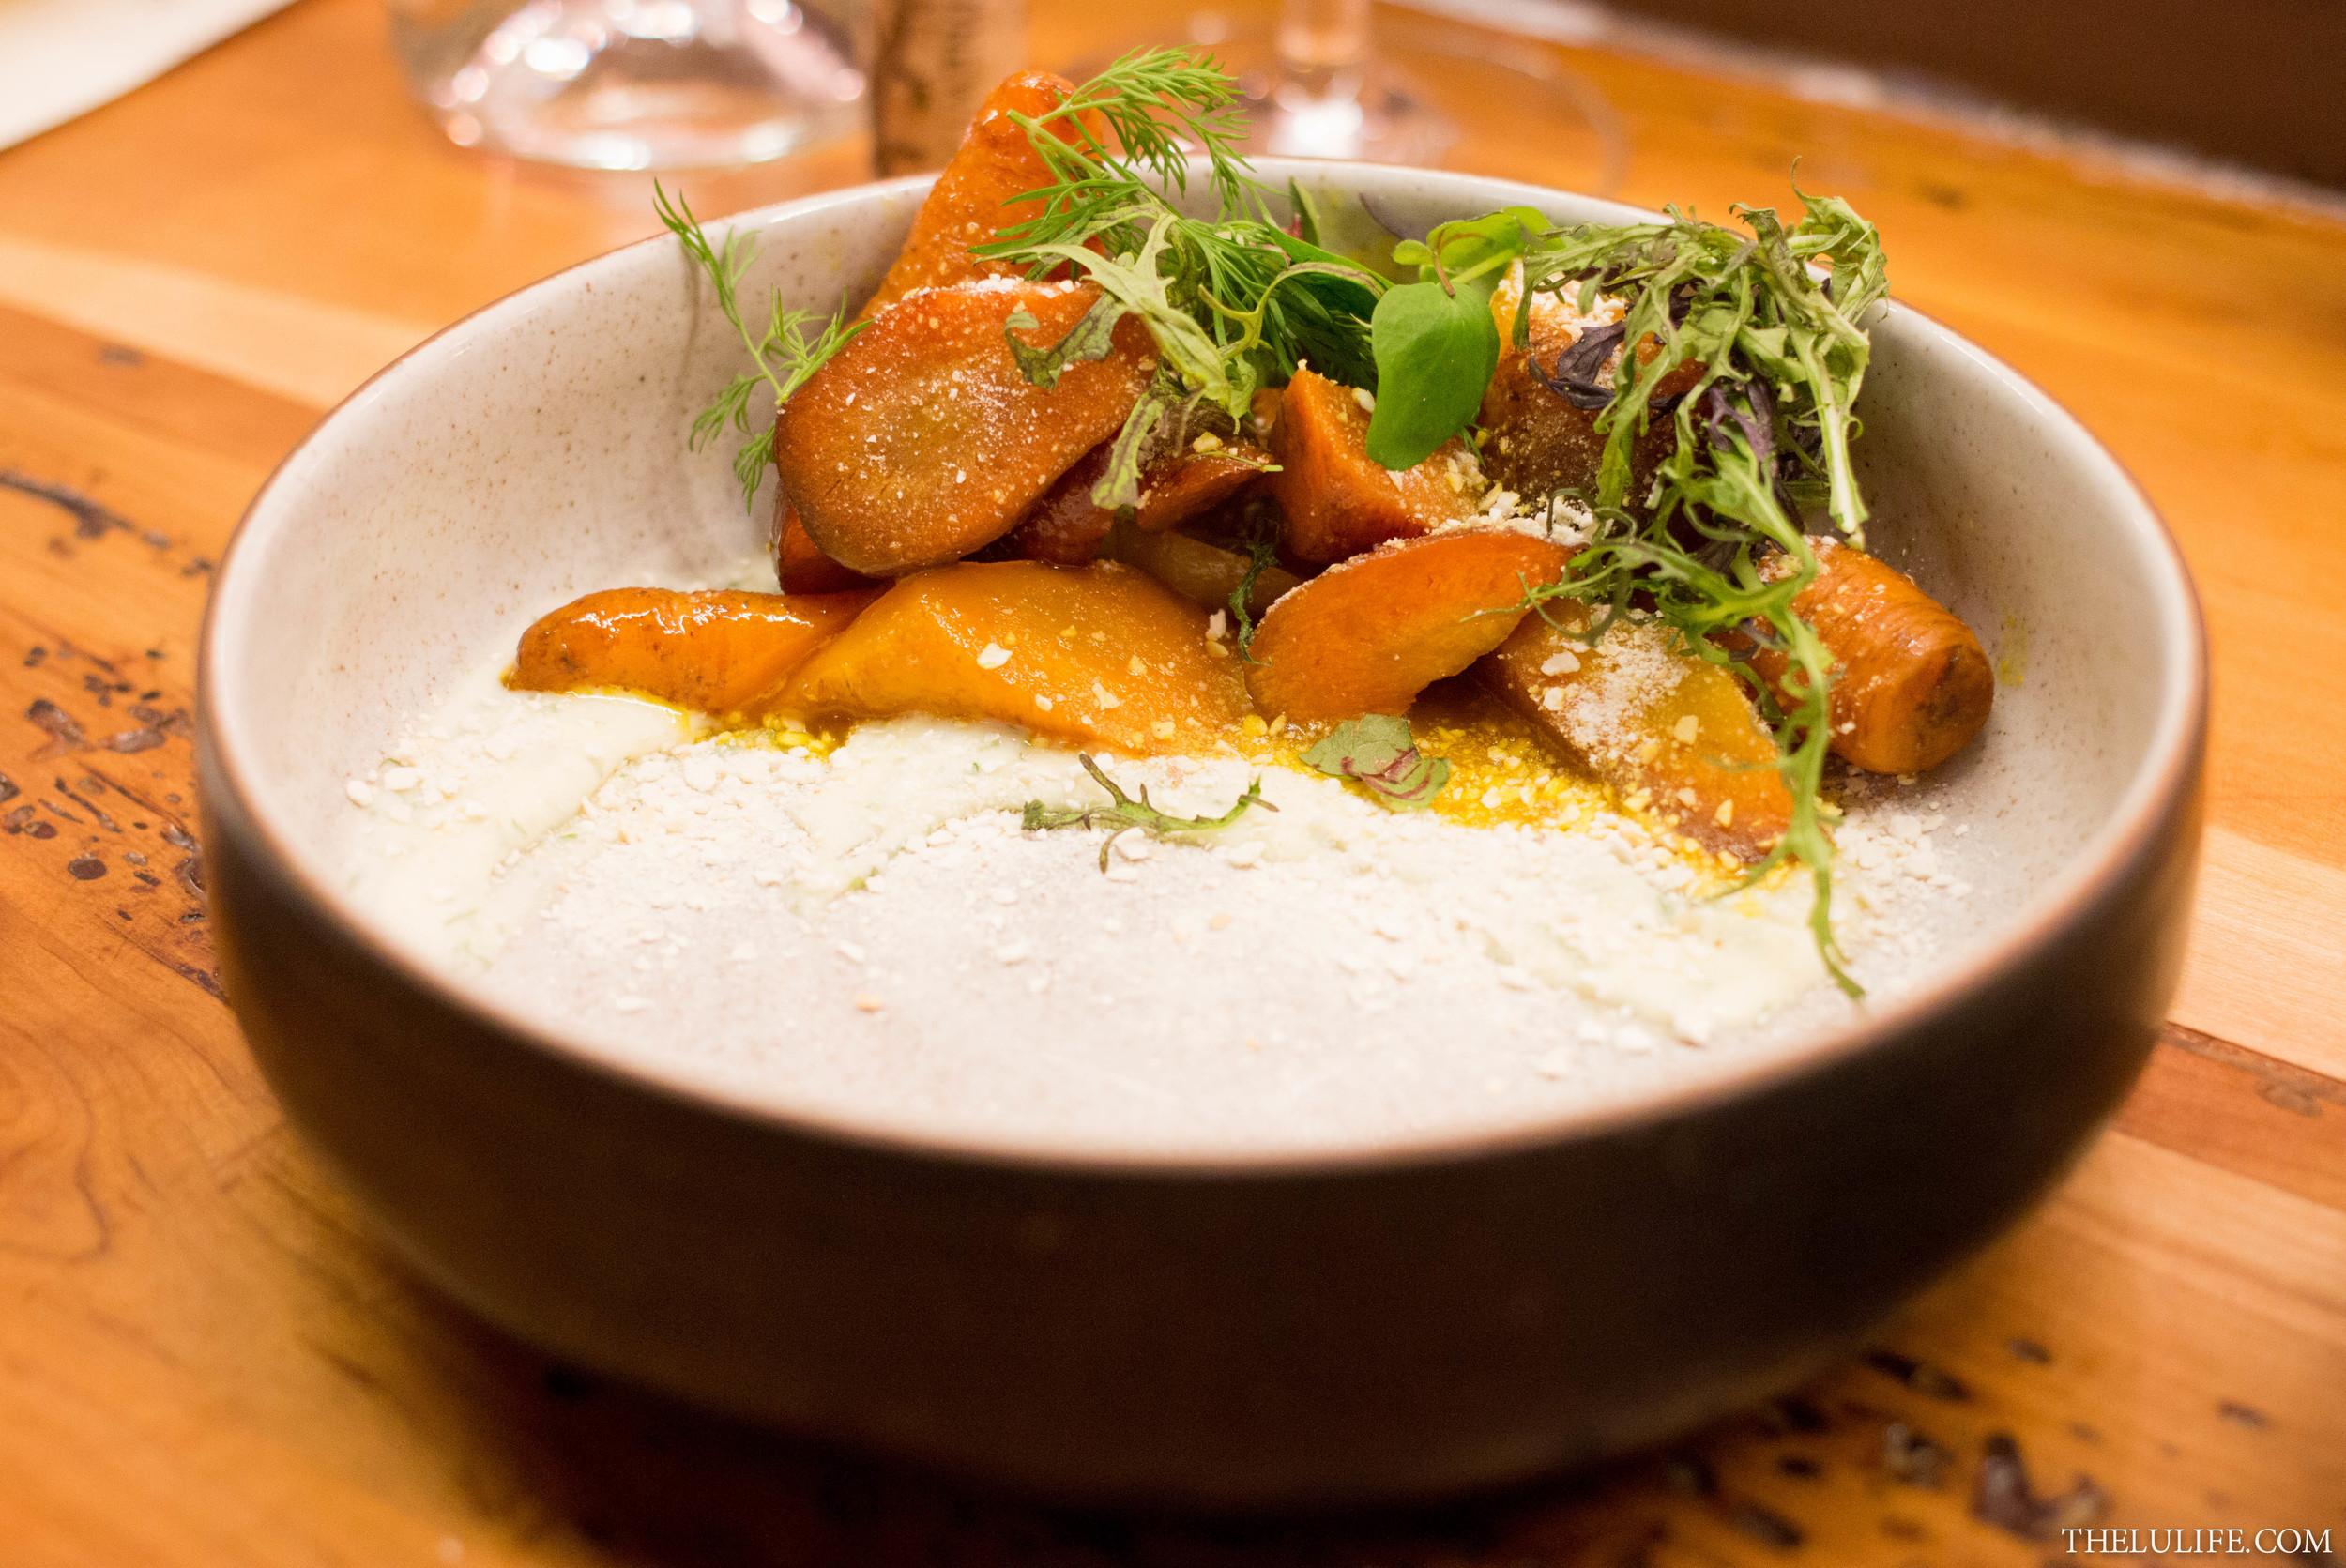 Honey-glazed carrots, mascarpone, matzo meal and dill